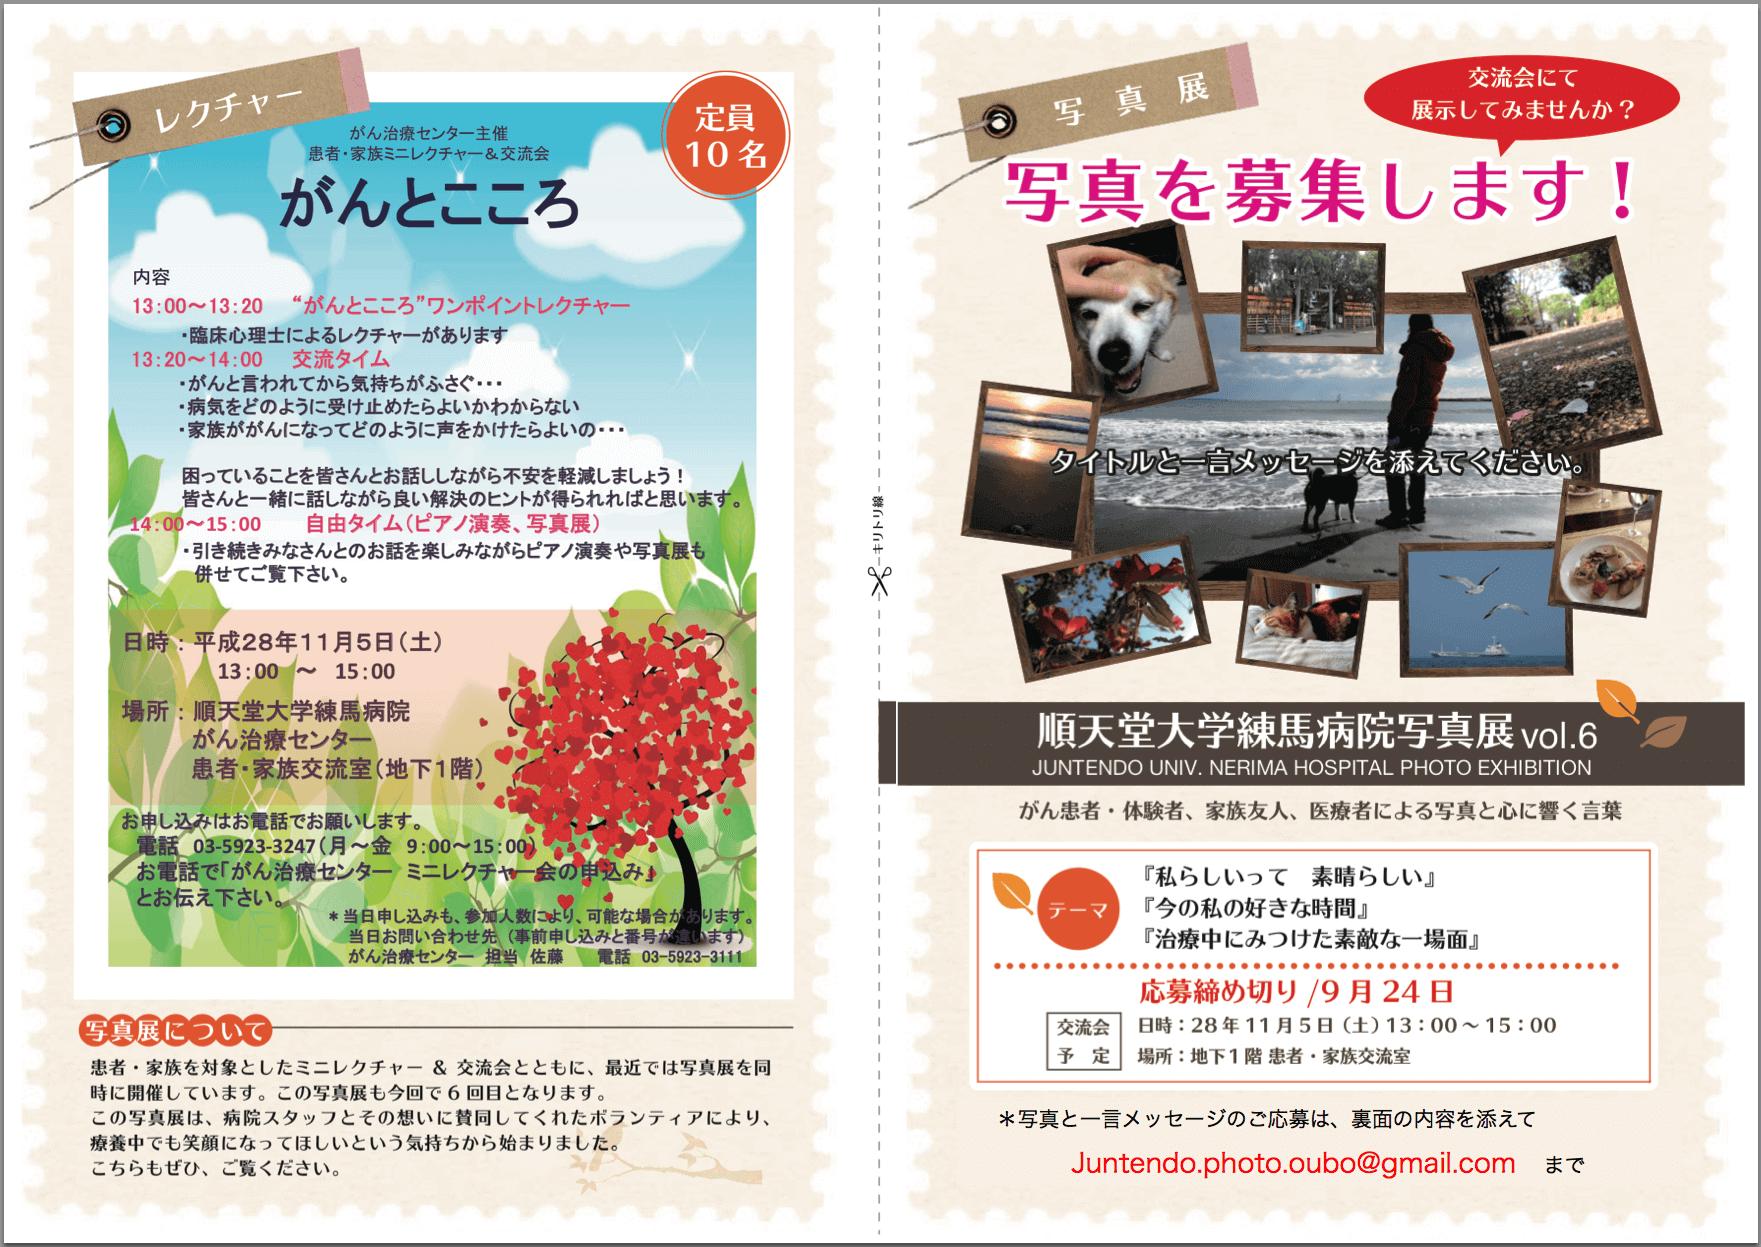 順天堂写真展 vol.6 b